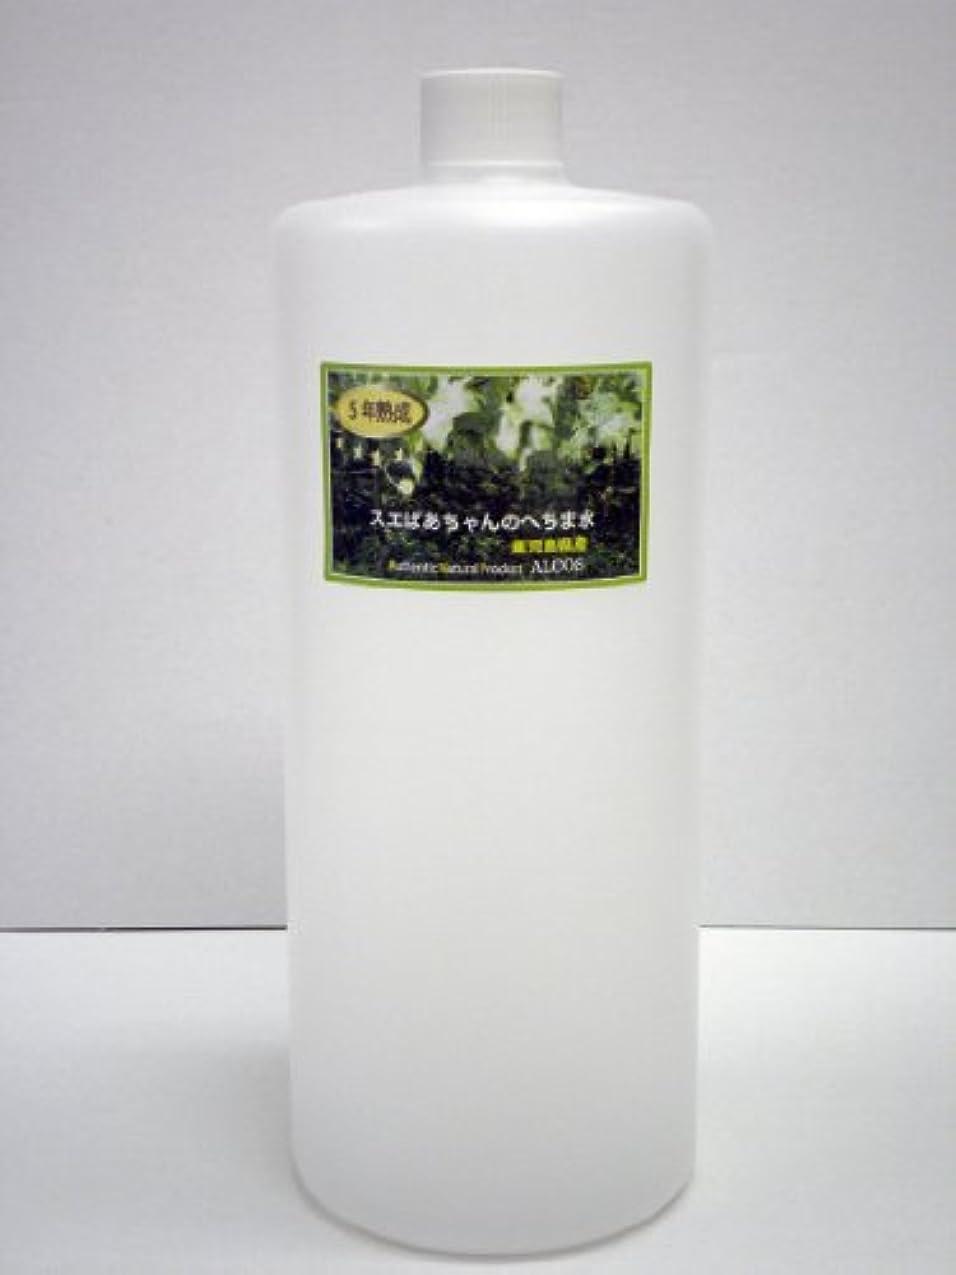 外交スキャンチューリップ5年熟成スエばあちゃんのへちま水(容量1000ml)鹿児島県産?有機栽培(無農薬) ※完全無添加オーガニックヘチマ水100% ※商品のラベルはスエばあちゃんのへちま畑の写真です。ALCOS(アルコス) 天然へちま水 [5...